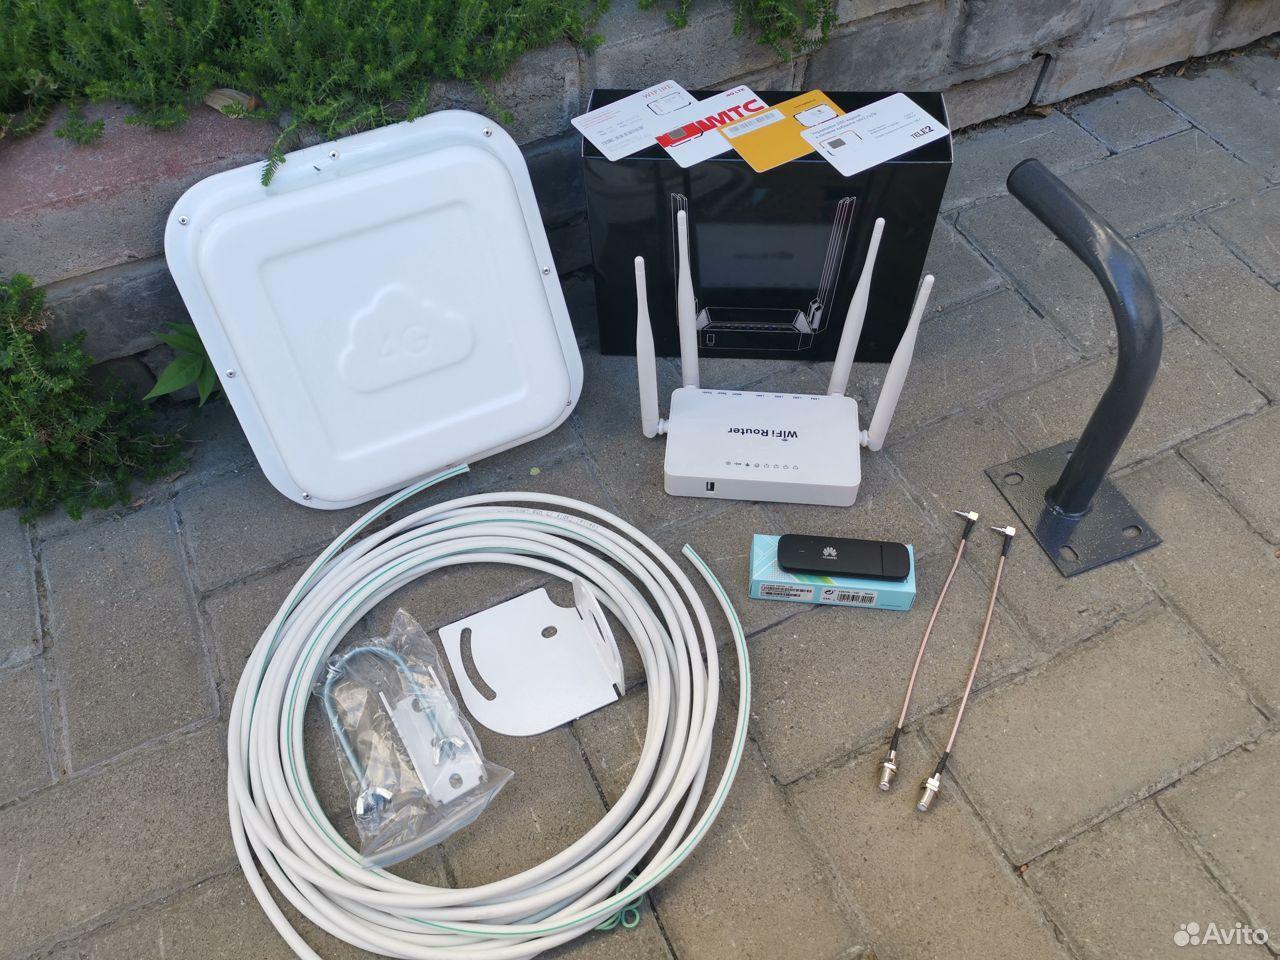 4G модем + WiFi Роутер + Антенна - Комплект XM-160